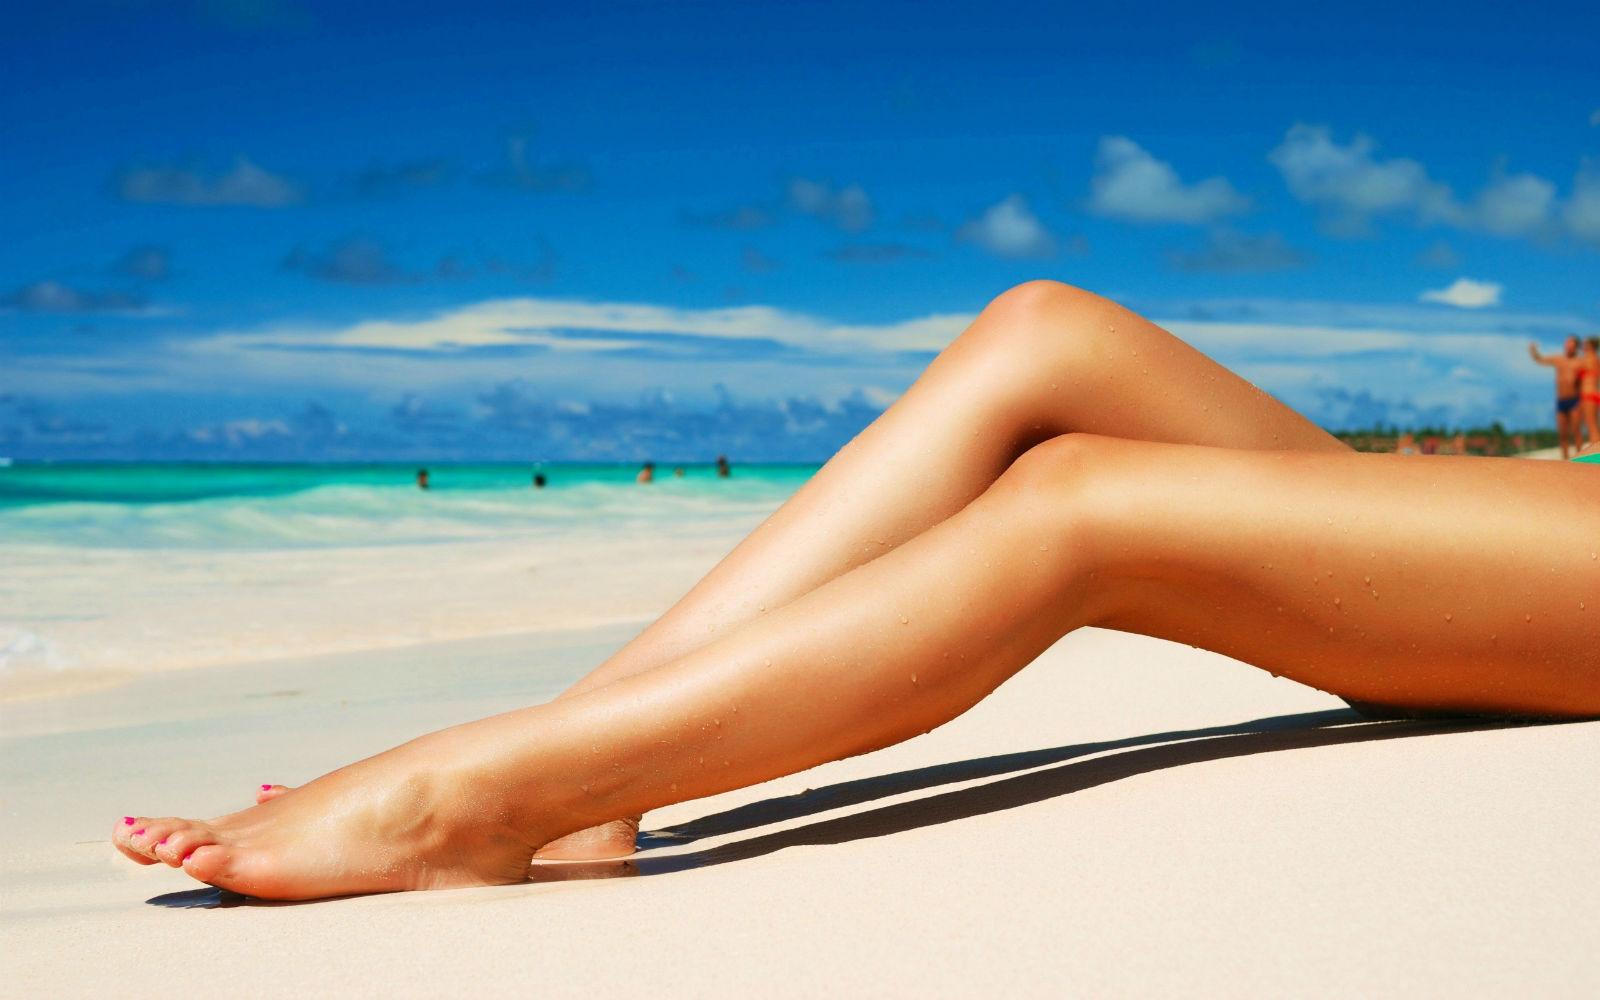 Гладкая кожа: депиляция восковыми полосками